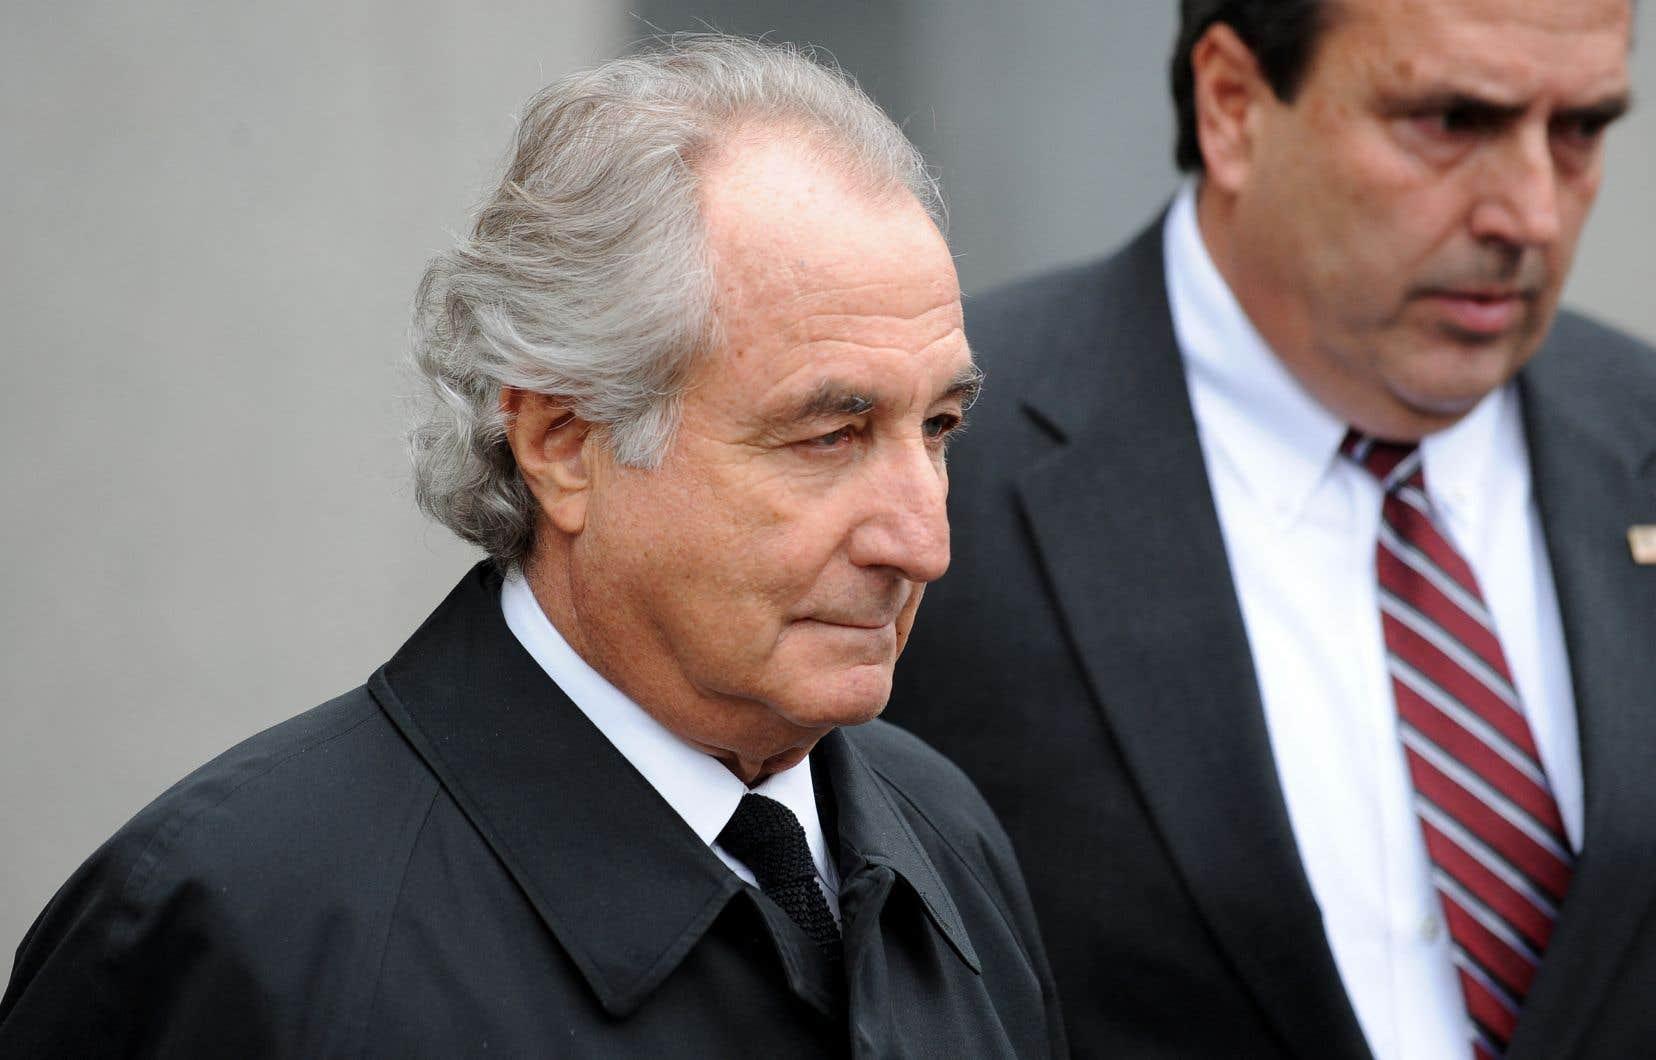 Bernie Madoff a été condamné en 2009 à 150 ans de prison après avoir plaidé coupable à 11 chefs d'inculpation, notamment pour fraude et blanchiment d'argent.